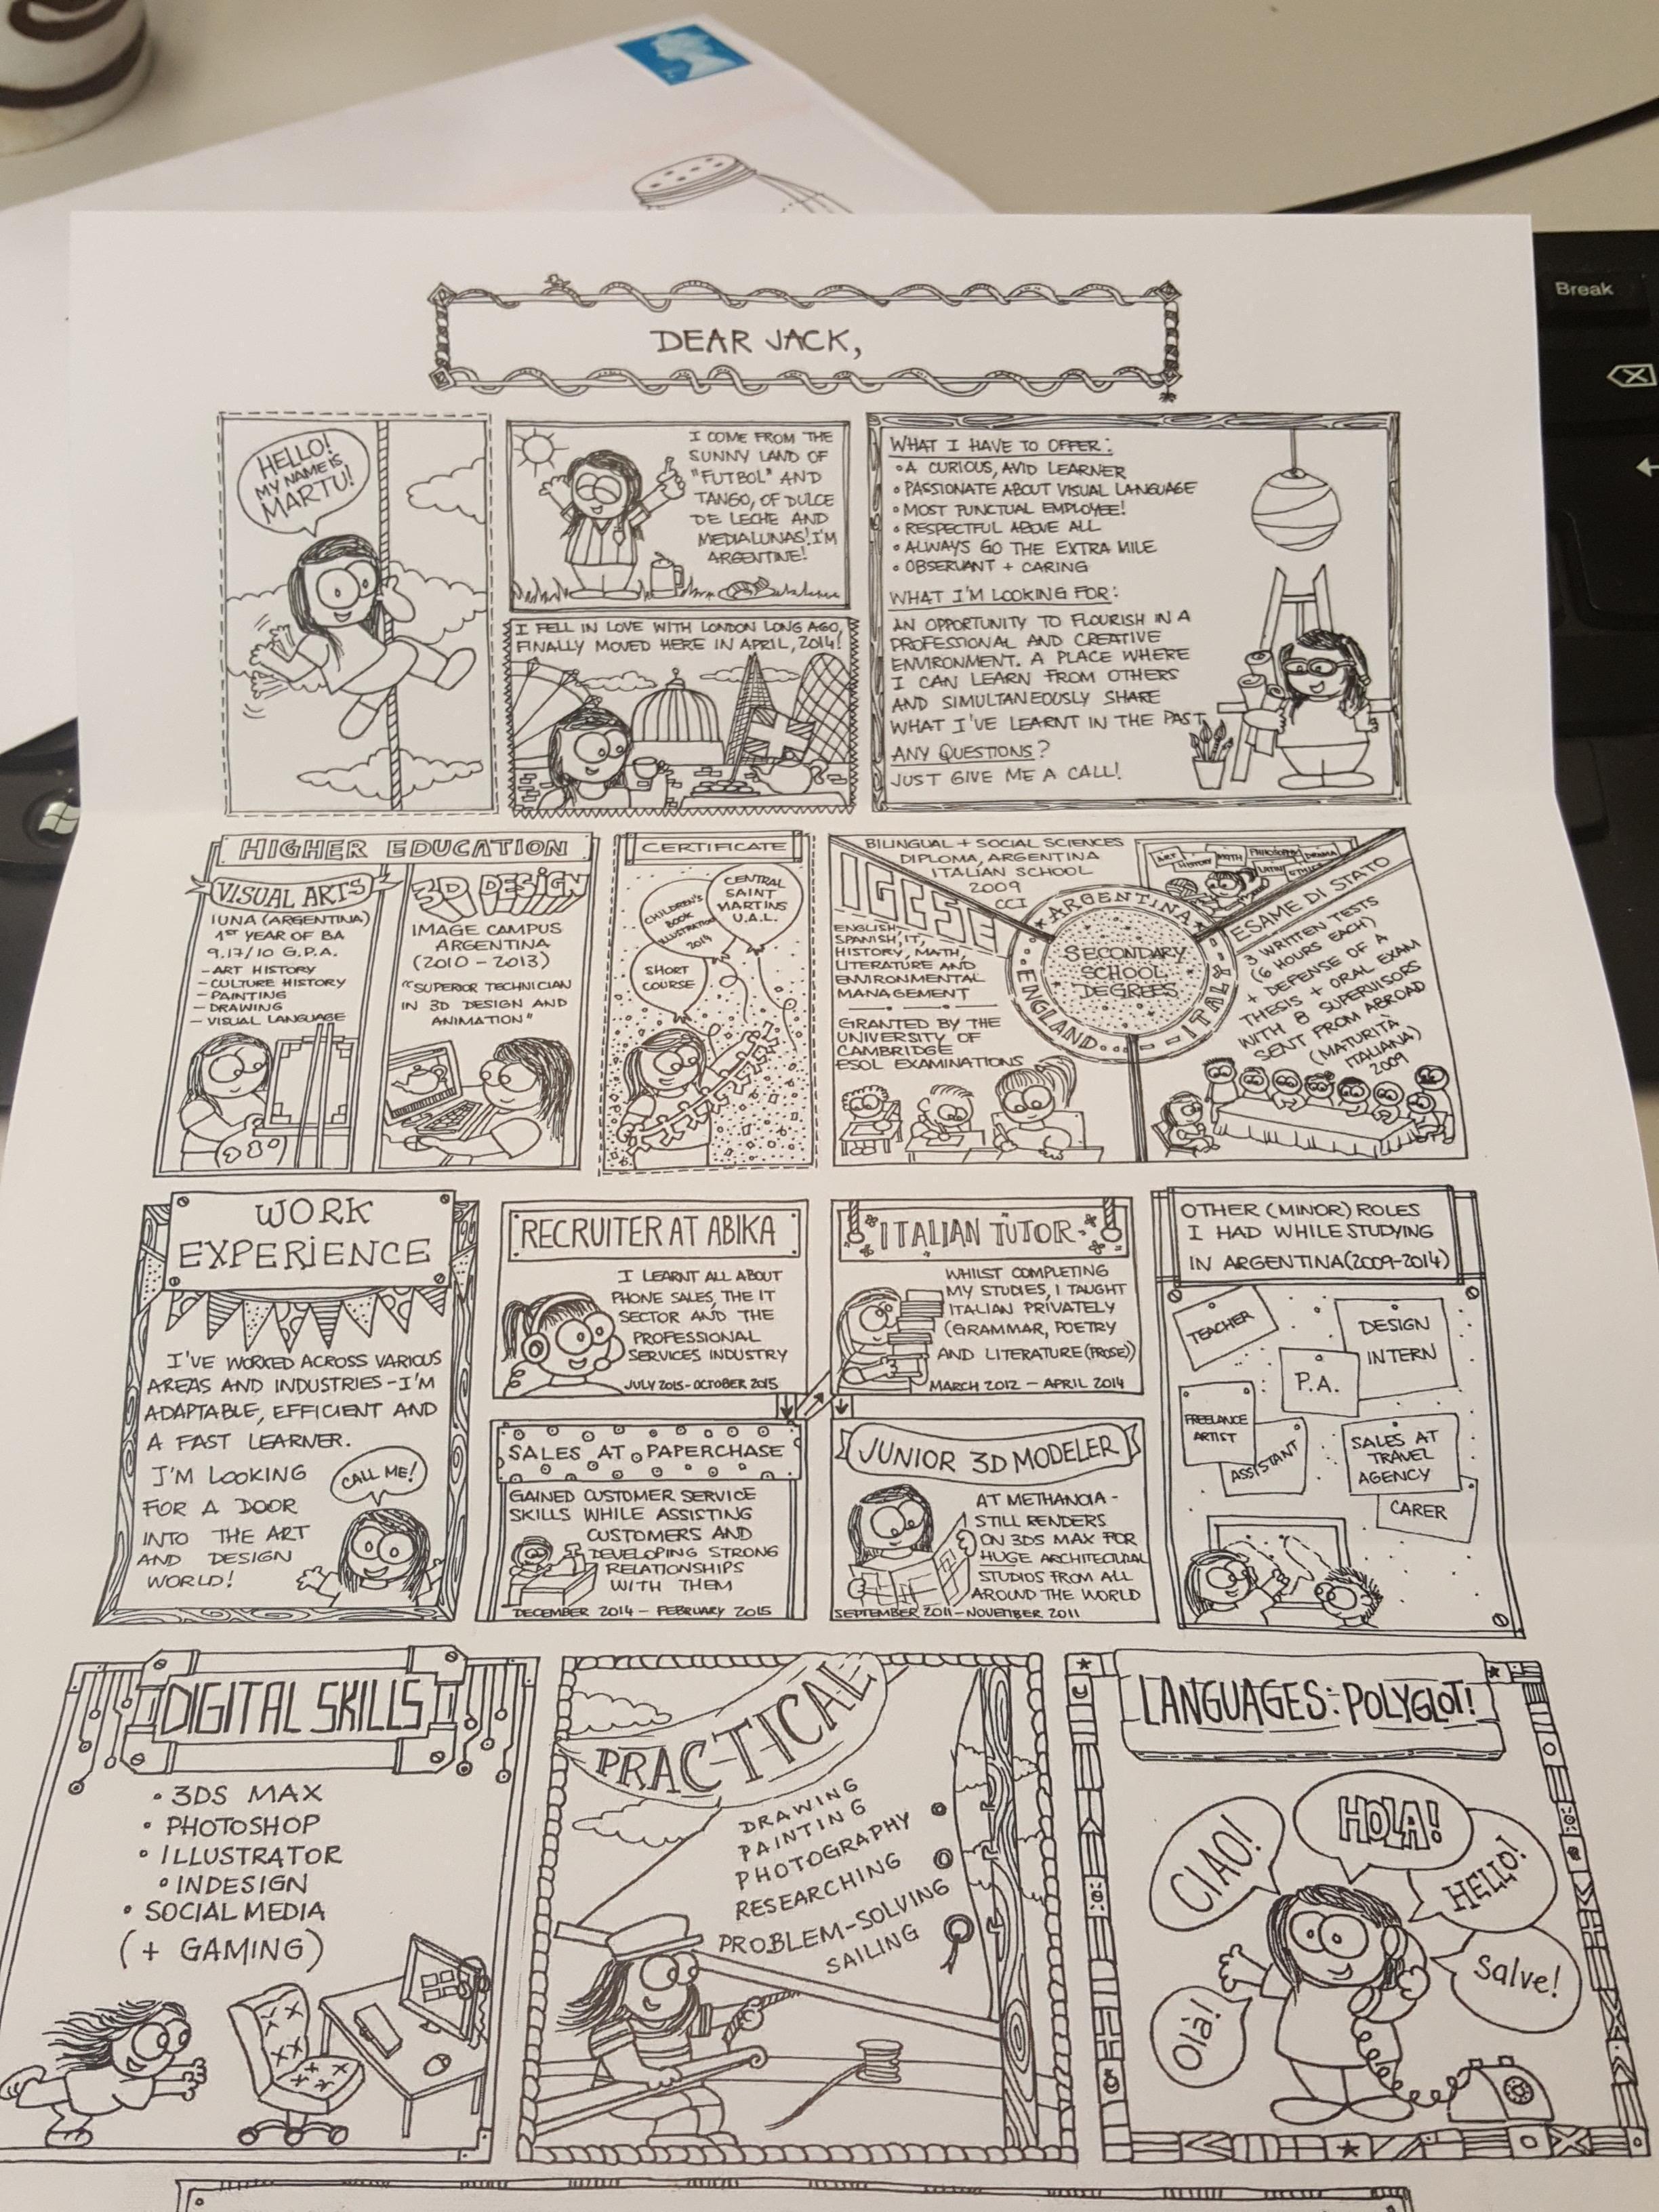 You create a badass cartoon resume like